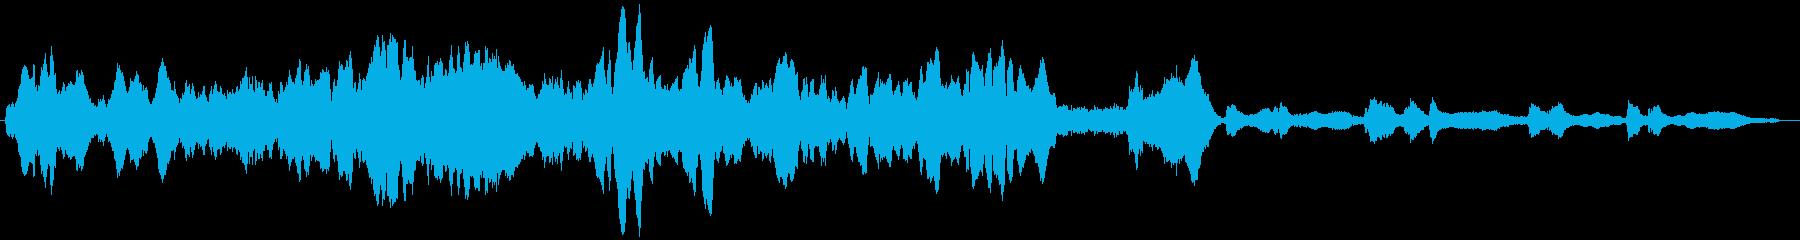 ドラマチックな劇伴音楽の再生済みの波形